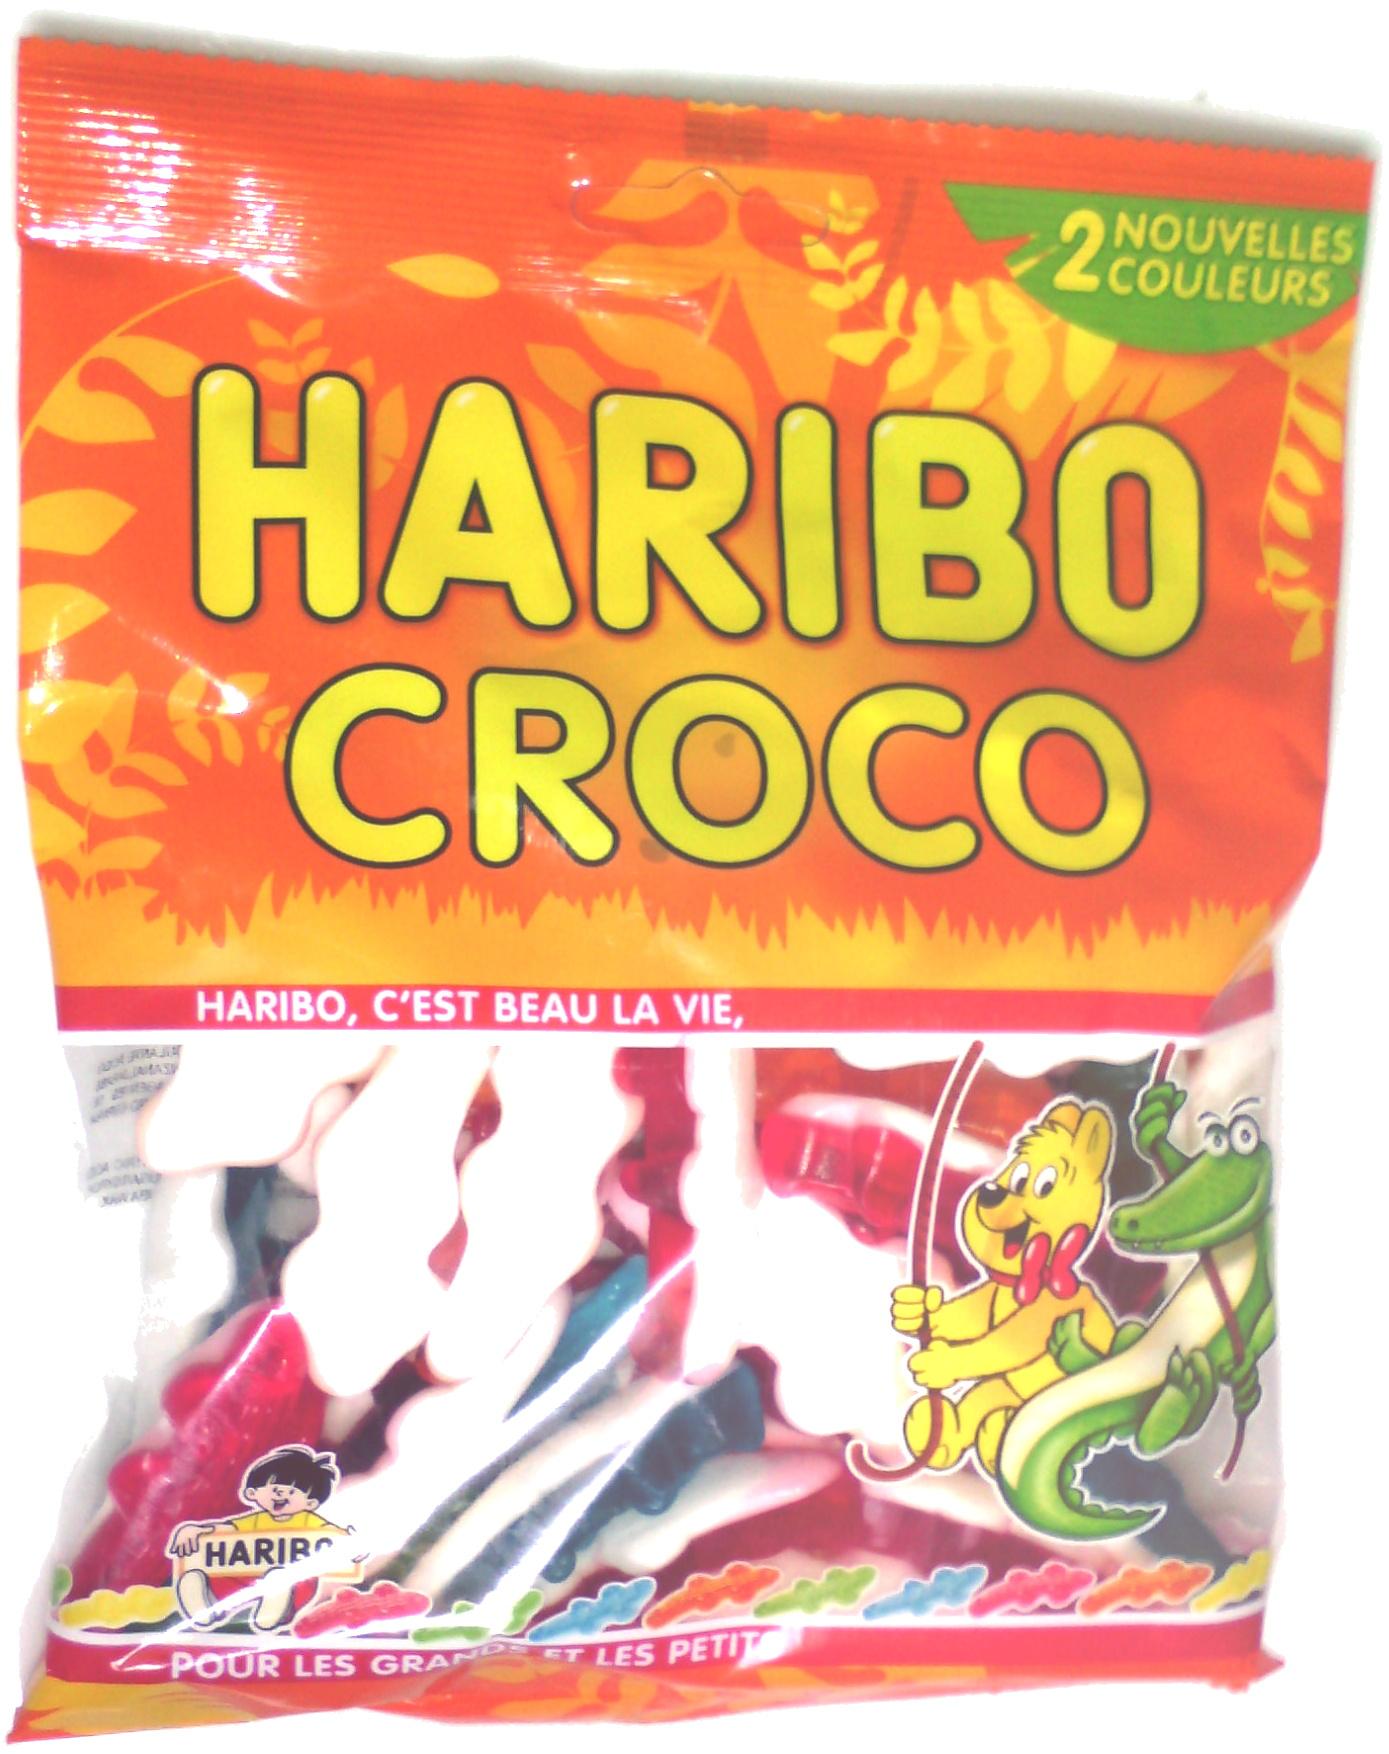 CROCO 280G - Prodotto